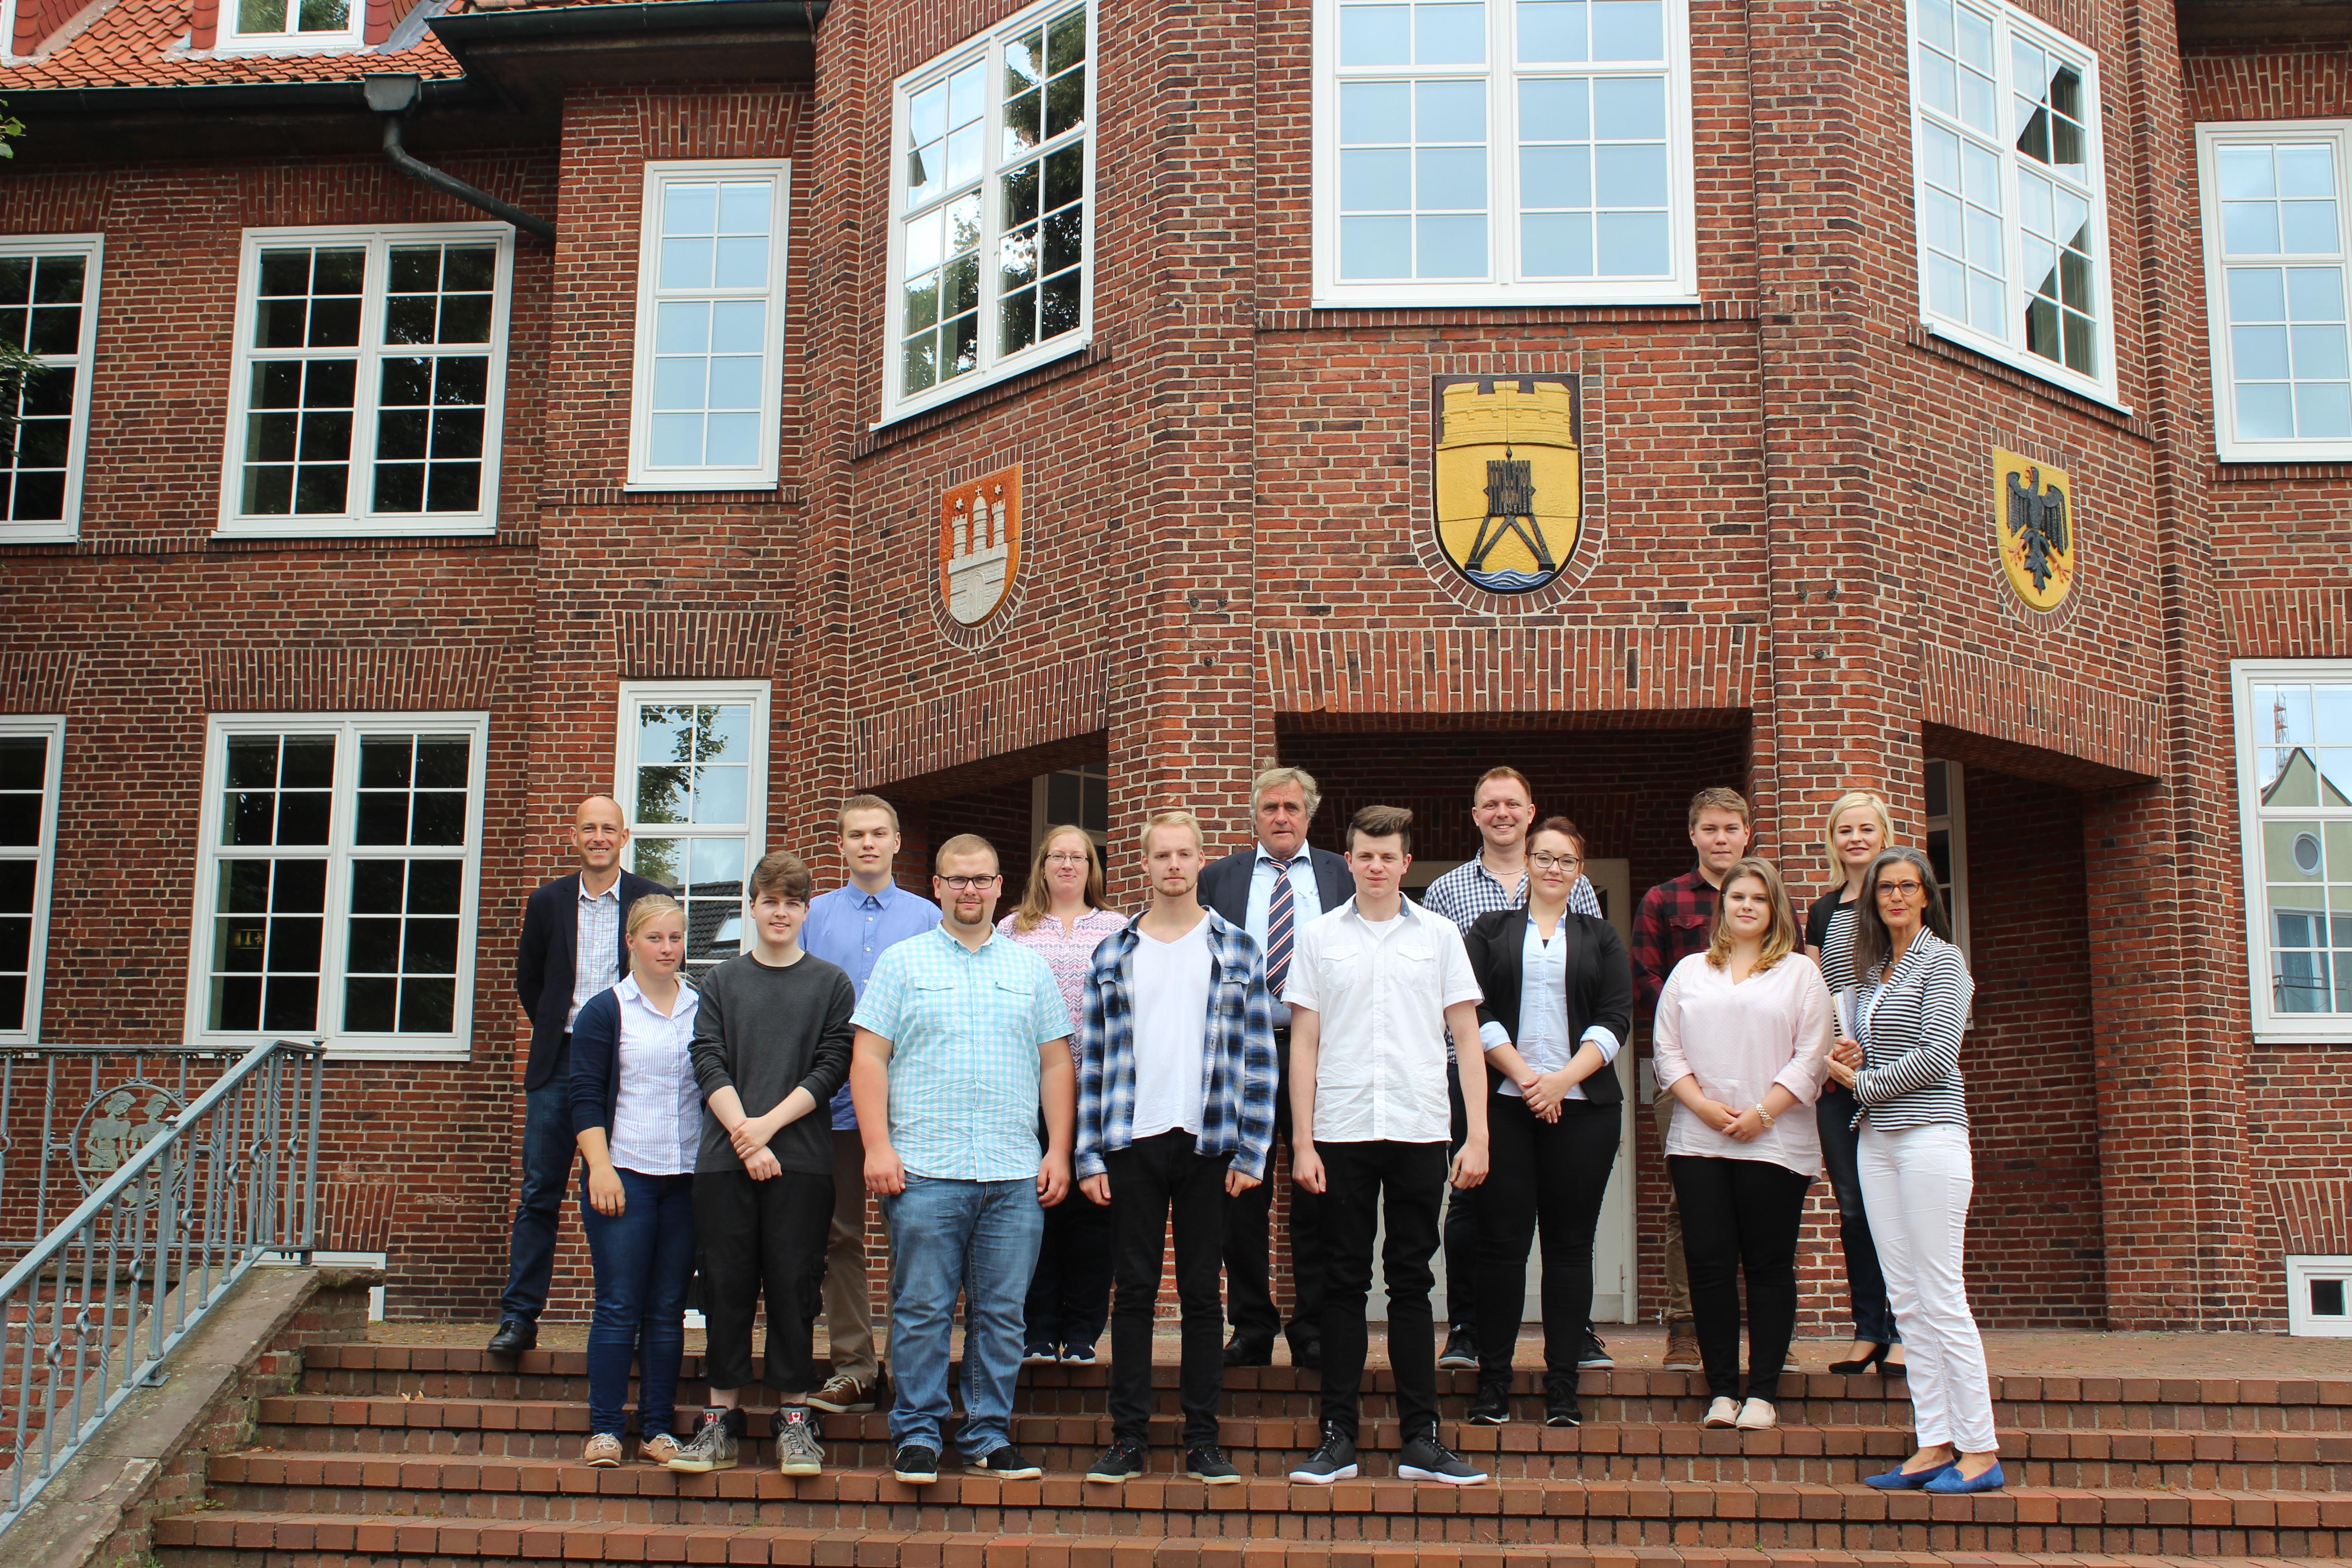 Stadt begrüßt neun neue Auszubildende   - Große Kennenlern-Tour am ersten Ausbildungstag